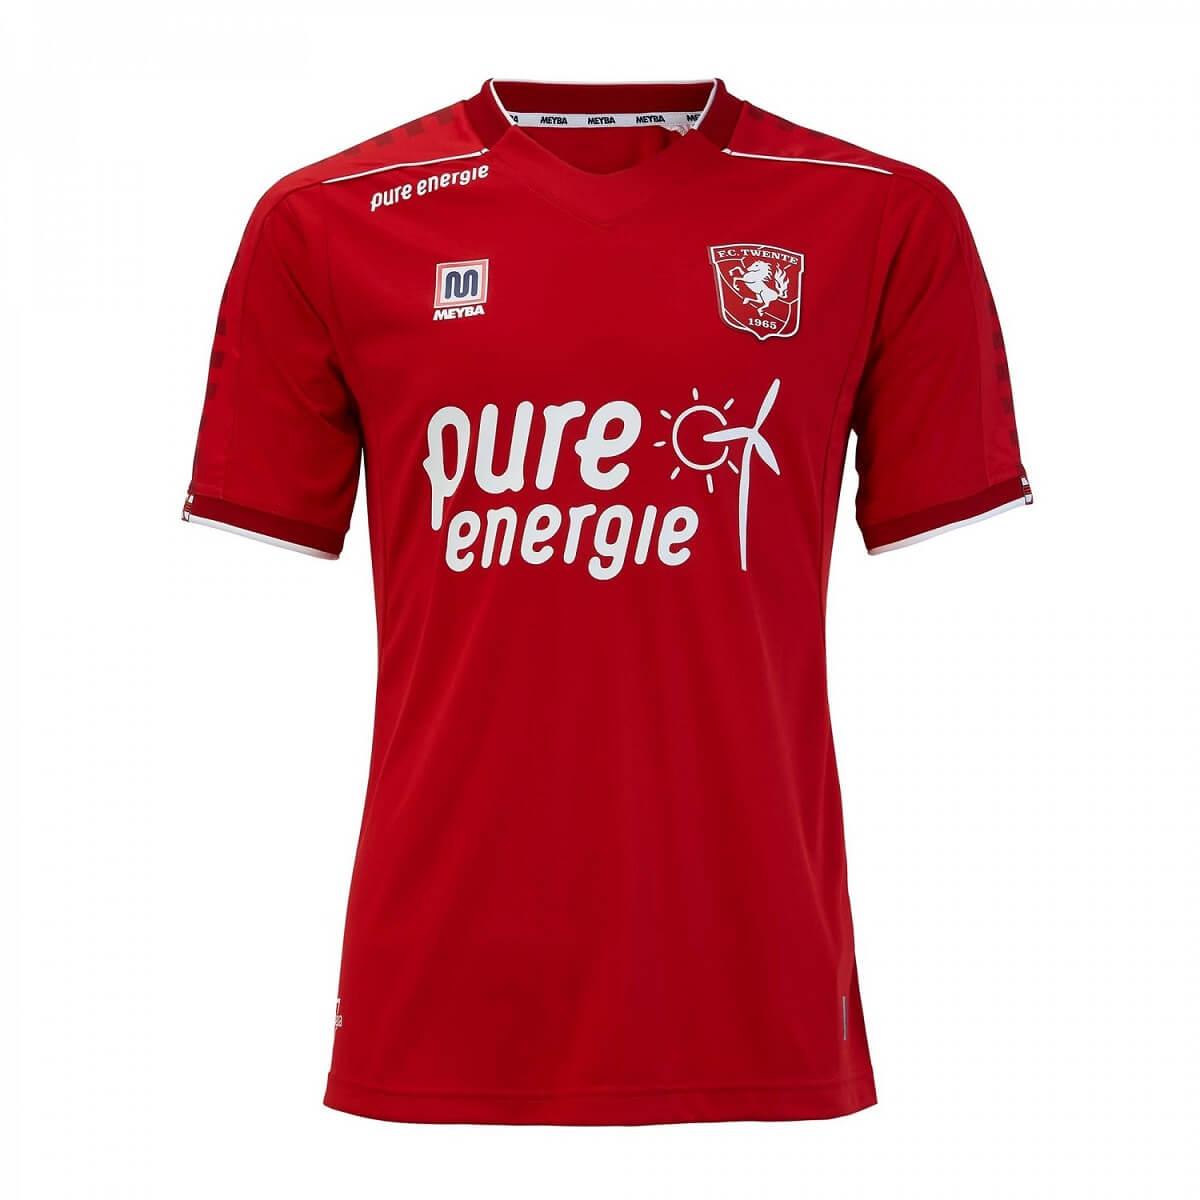 Camisas do FC Twente 2020-2021 Meyba